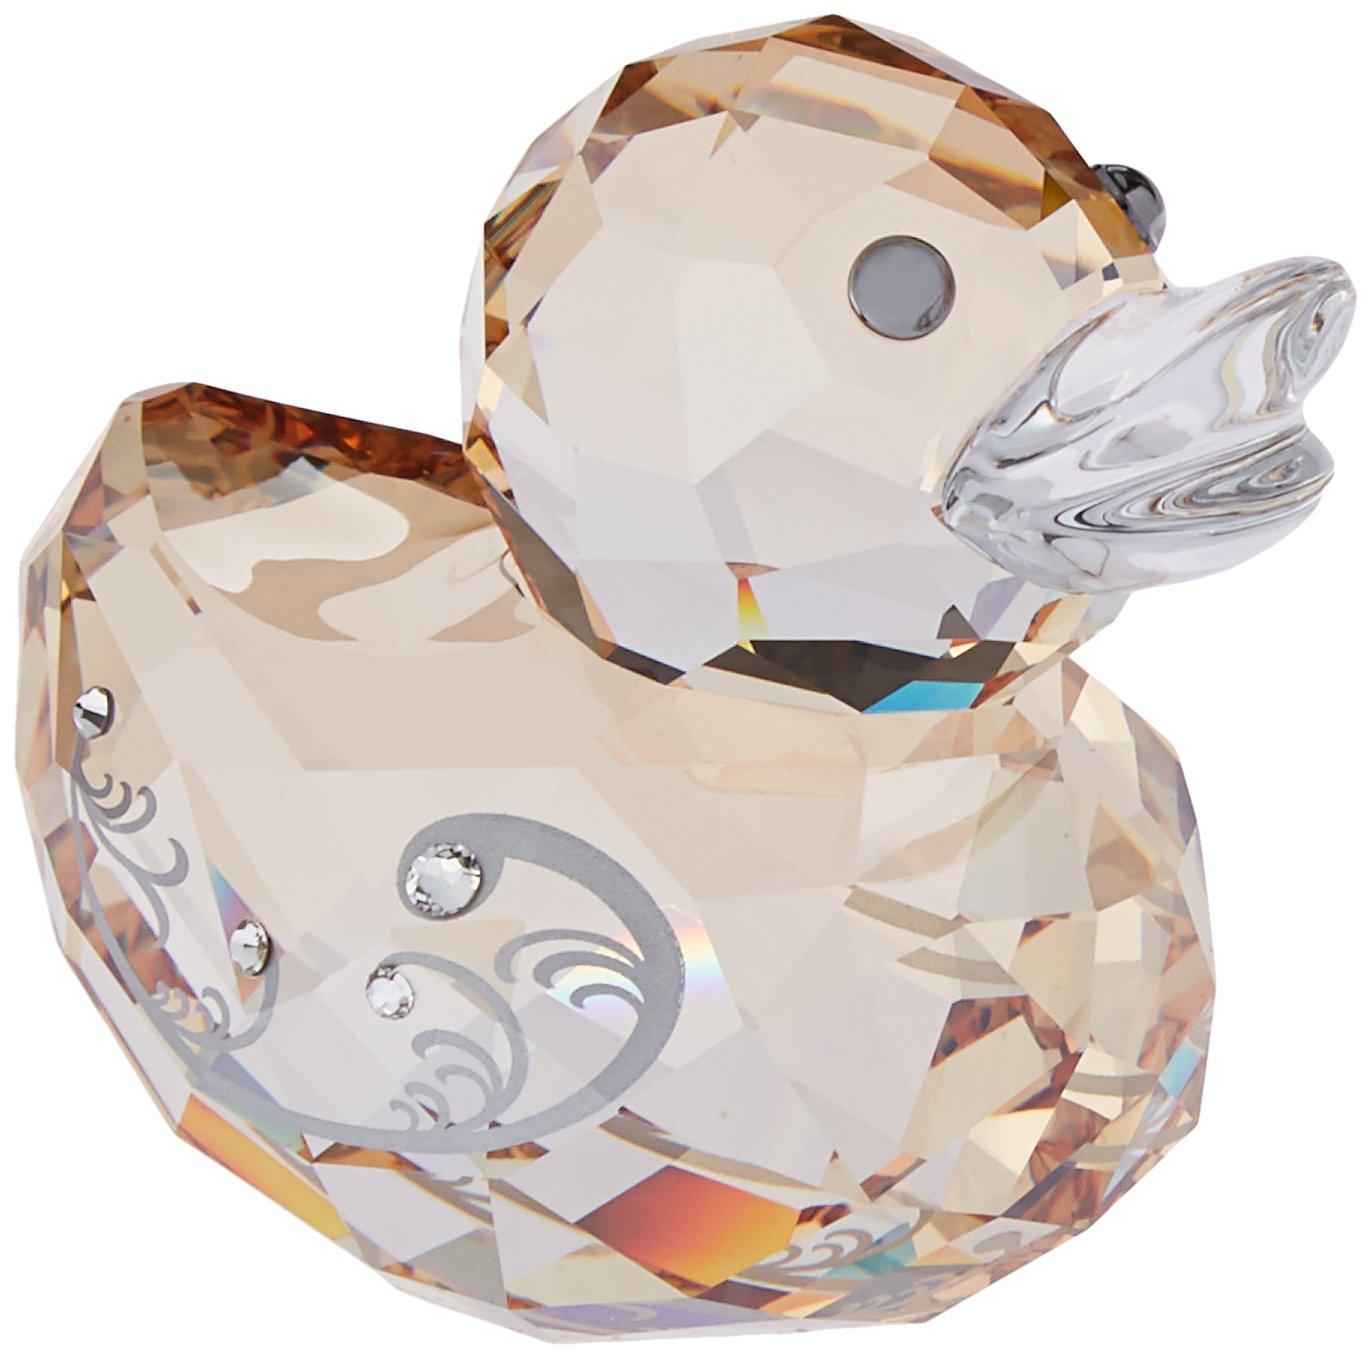 Swarovski 5080337 Dekoartikel Glückliche Ente - - - Miss Elegant, 5,6 x 4,9 x 3,9 cm 27ed97